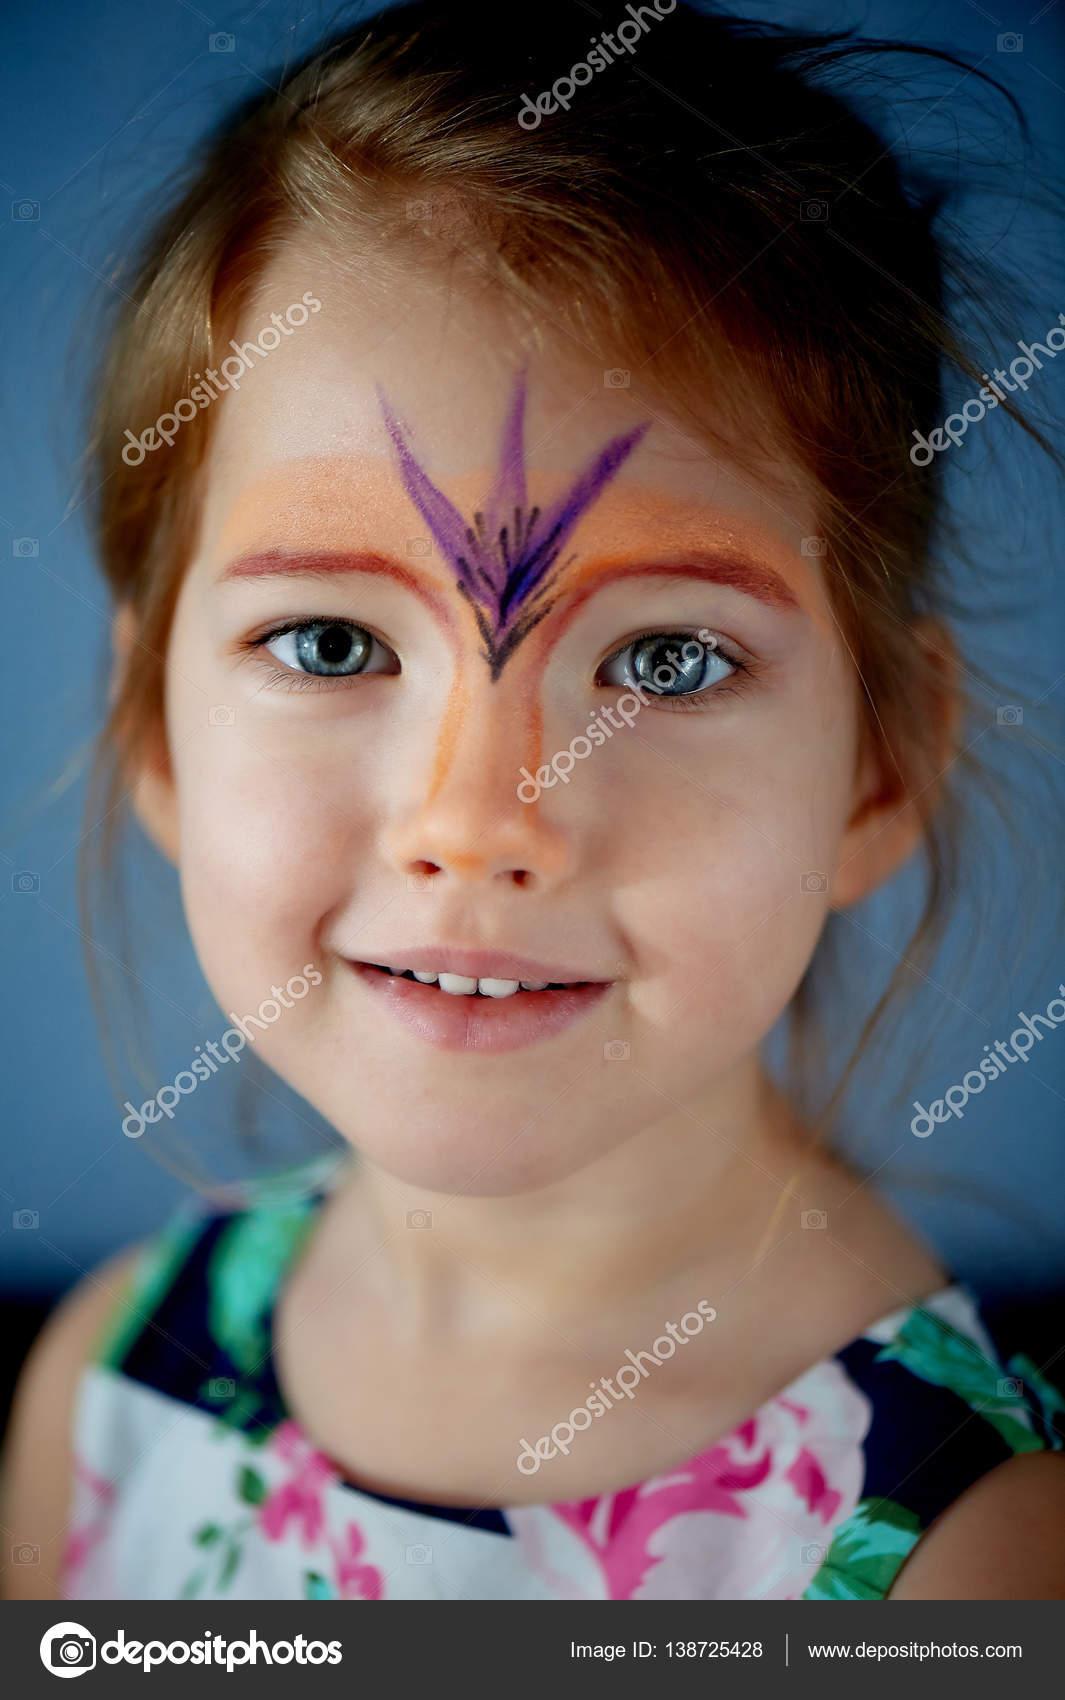 Oldukça Heyecan Verici Mavi Gözlü Kız Yüz Boyama Ile 2 Yıl Stok